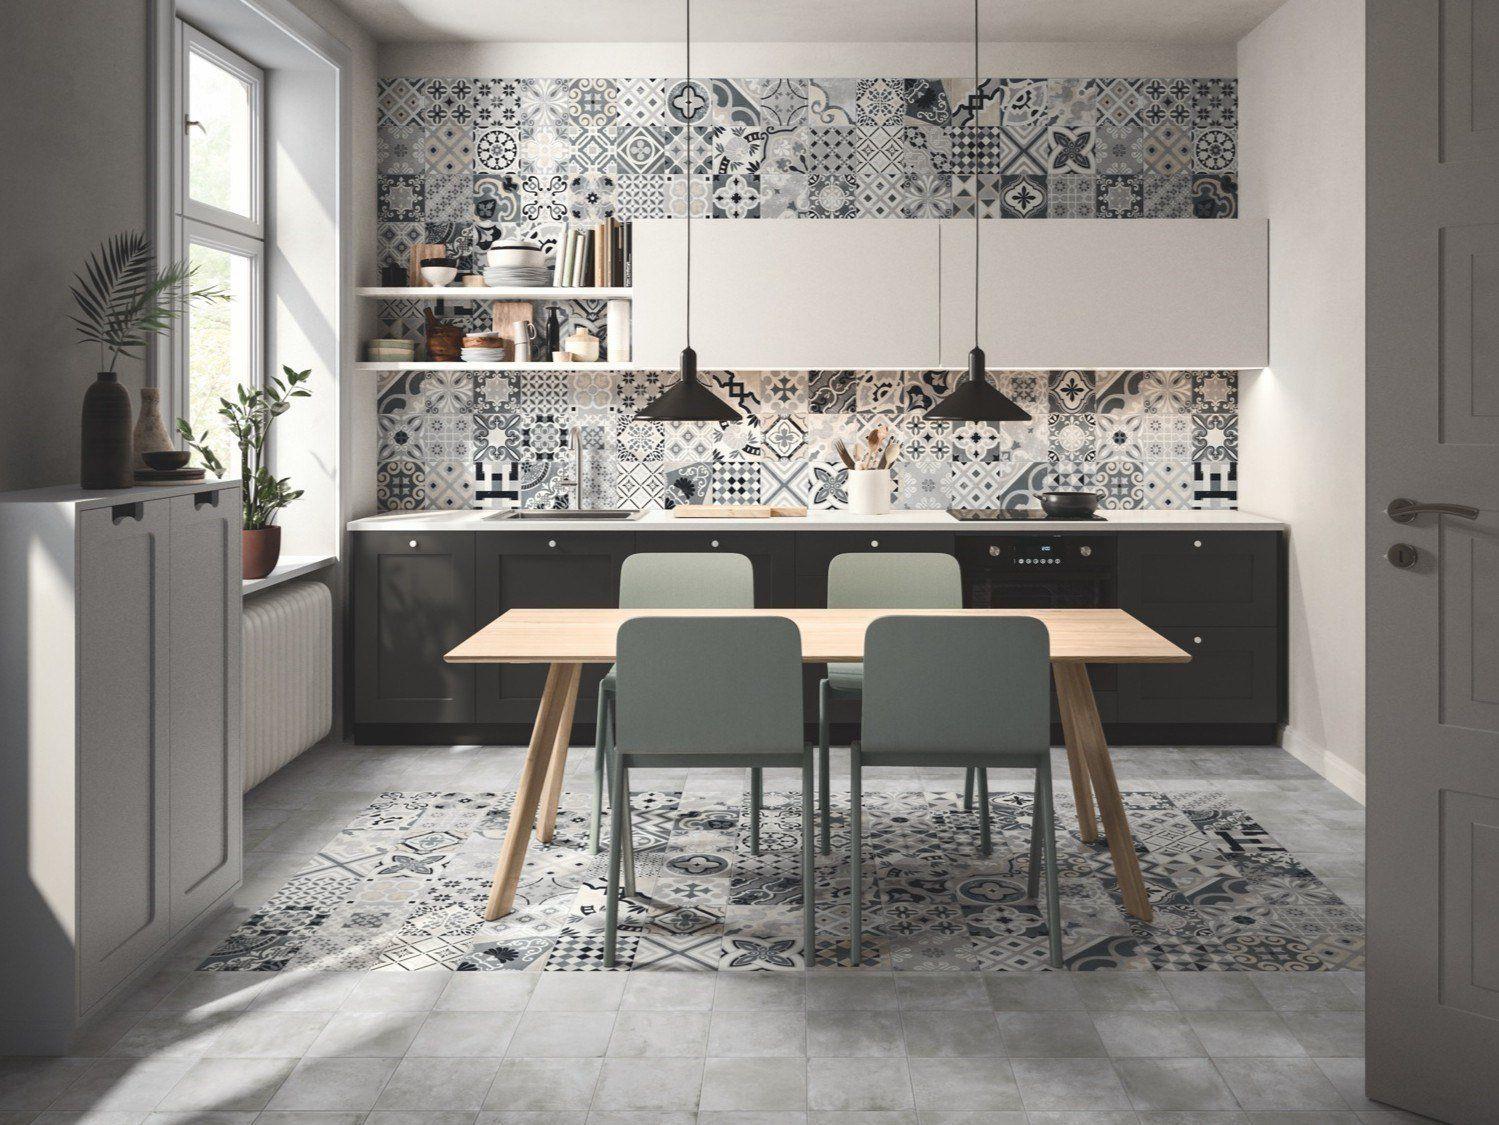 Gres Porcellanato Piastrelle Cucina rivestimenti in gres porcellanato per la cucina